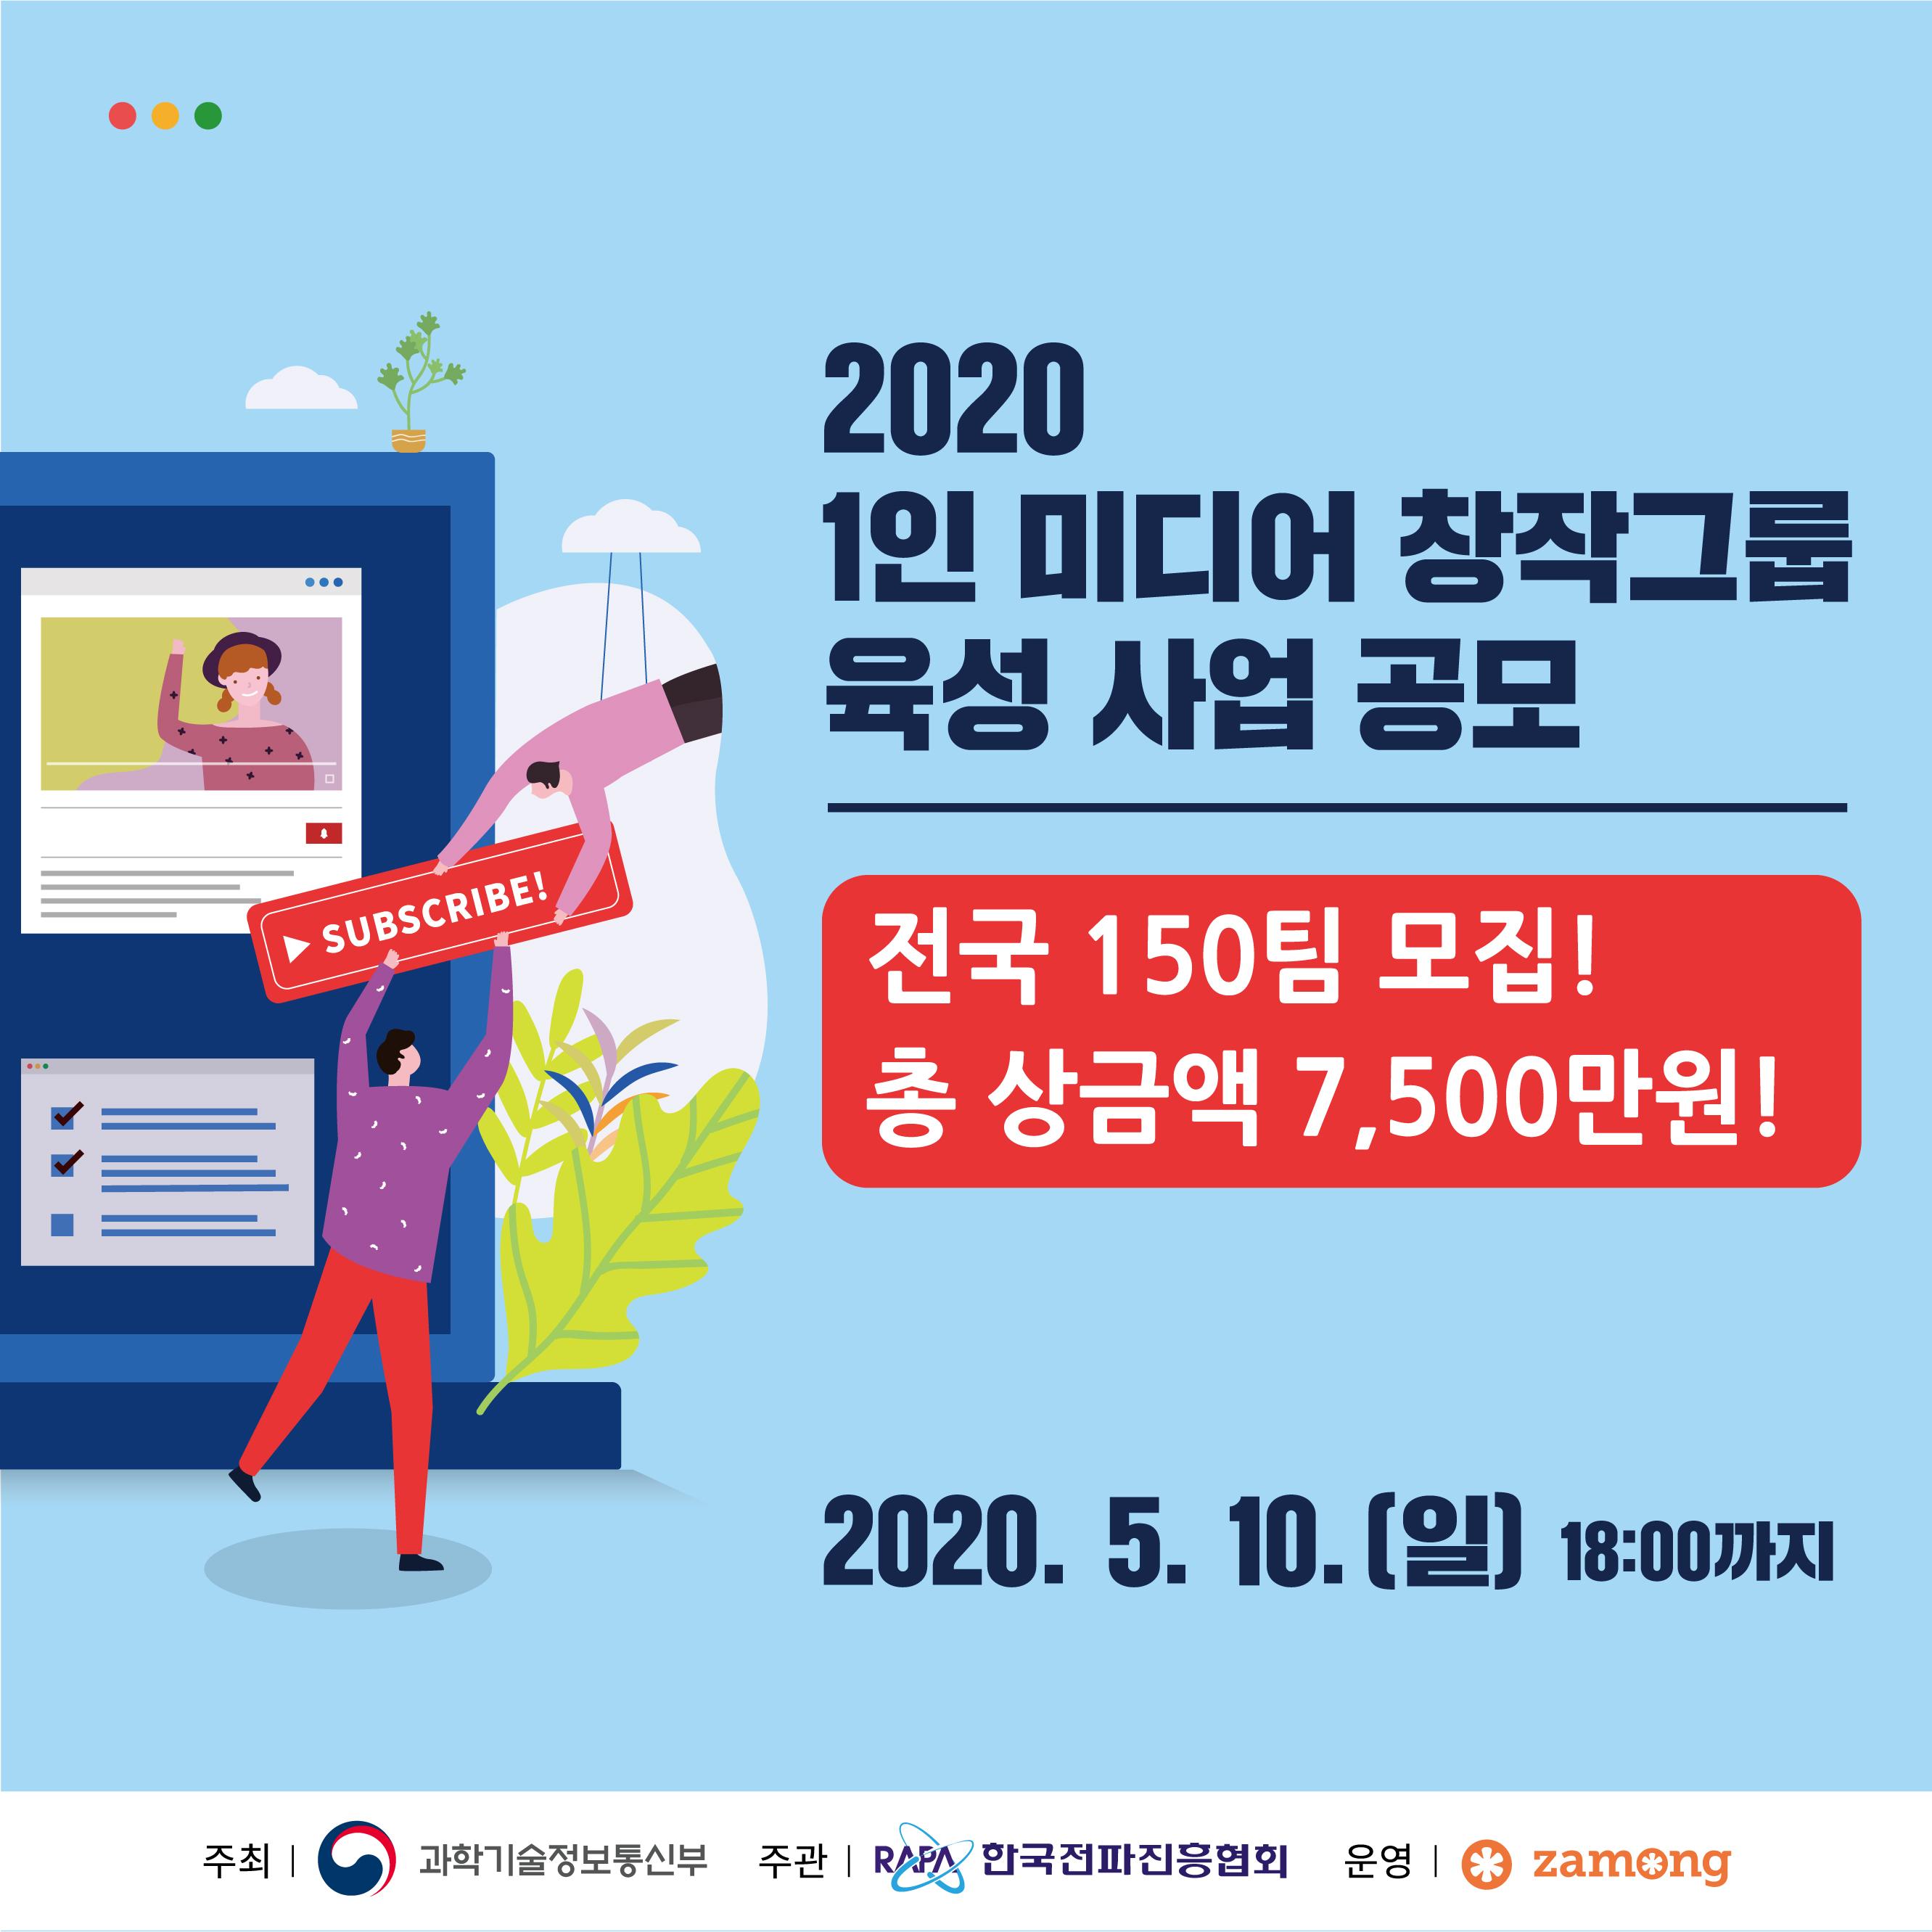 2020 1인 미디어 창작그룹 육성 사업 공모